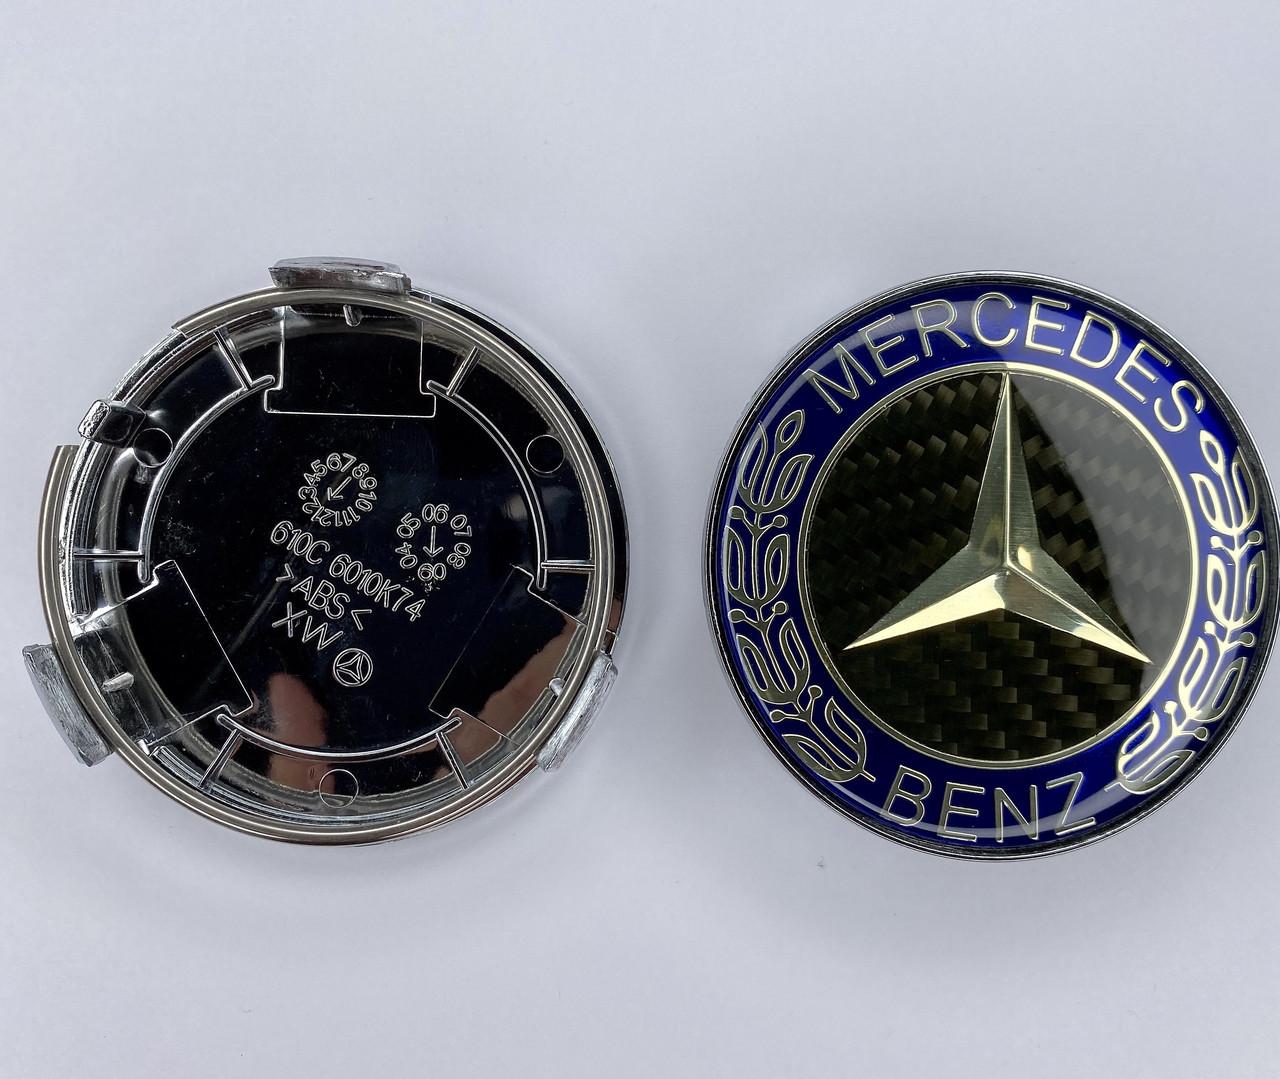 Колпачки колпаки заглушки на Mercedes Мерседес A,AMG GT,B,C,Citan,CLA,CLC,CL,CLK,CLS,E,G,GLA, GLC,GL,GLE,GLK,G